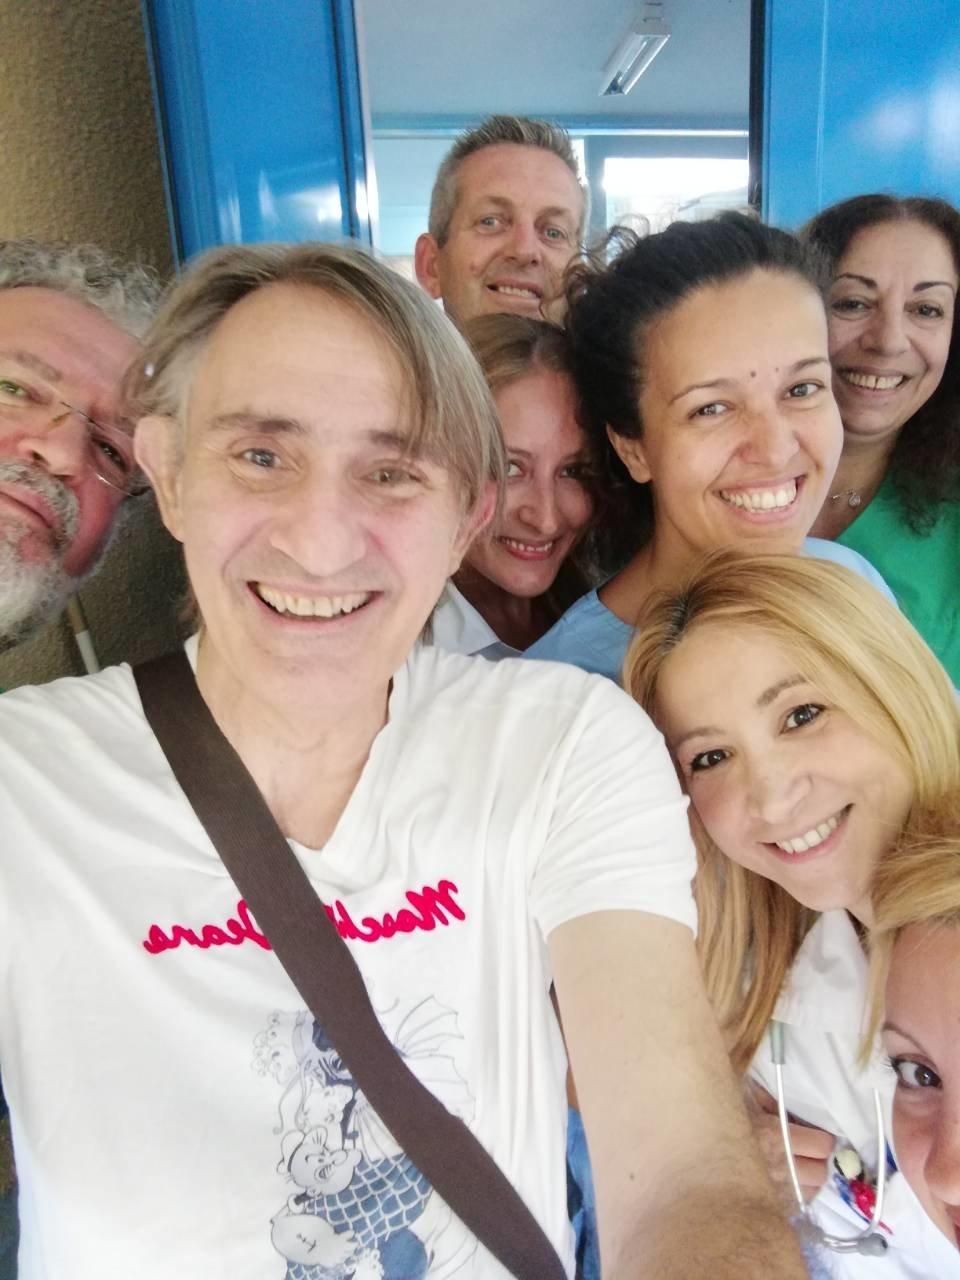 Το «ευχαριστώ» του Άκη Σακελλαρίου σε γιατρούς και νοσηλευτές μετά τη σοβαρή περιπέτεια με την υγεία